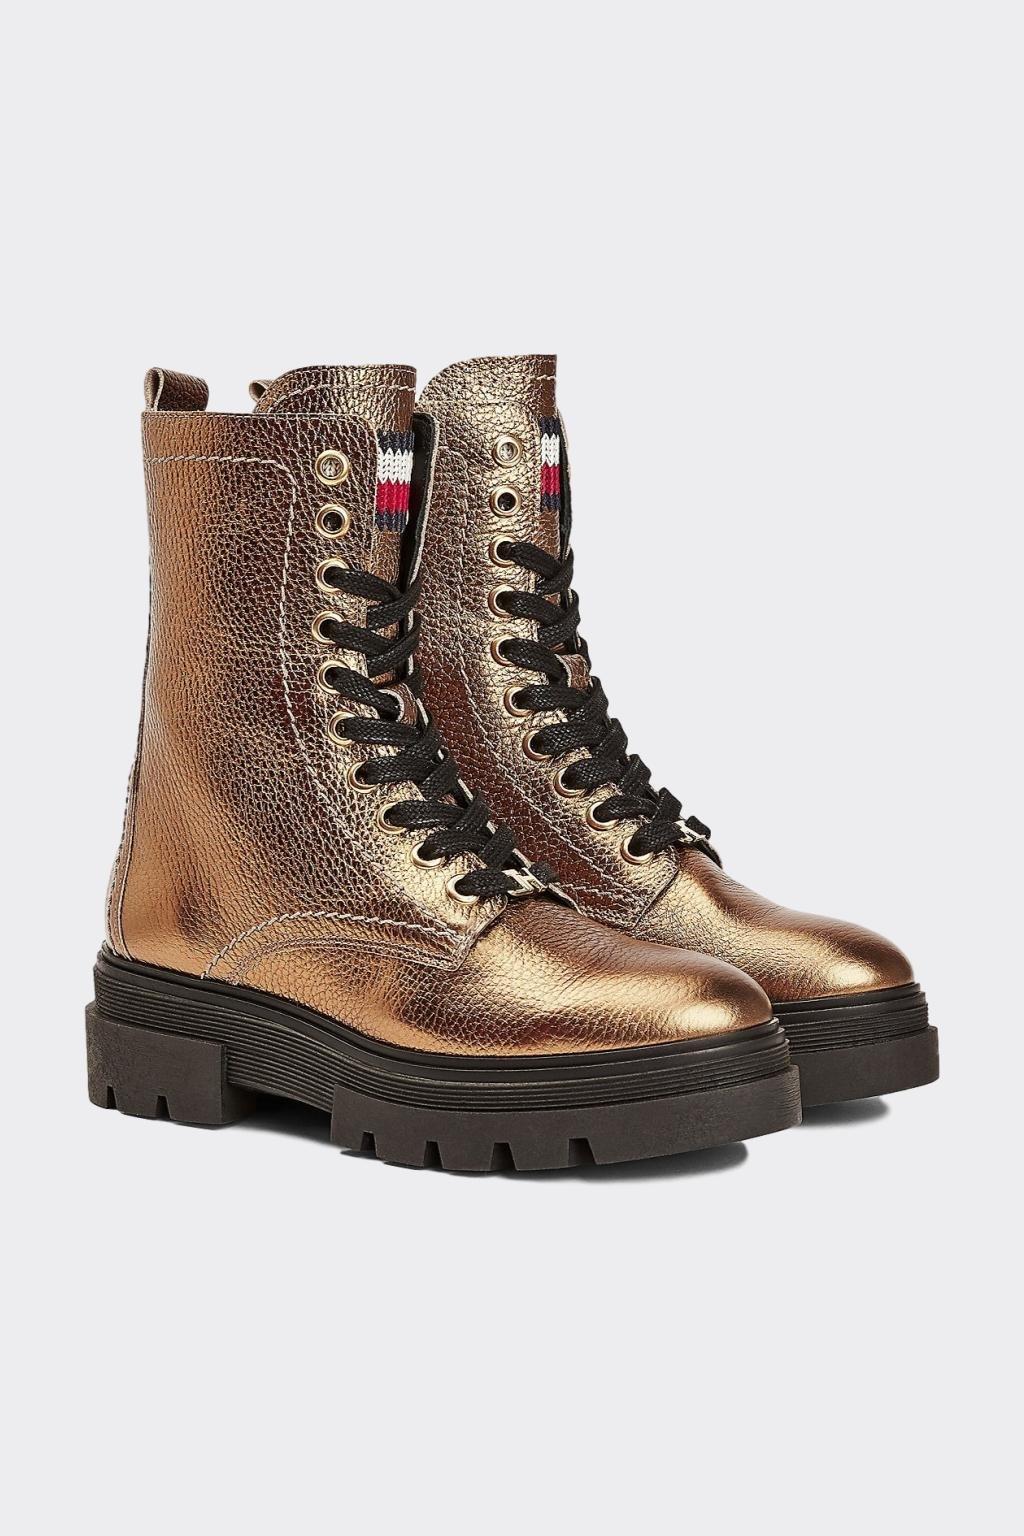 Tommy Hilfiger kožené metallic Lace-up boots dámské - zlaté